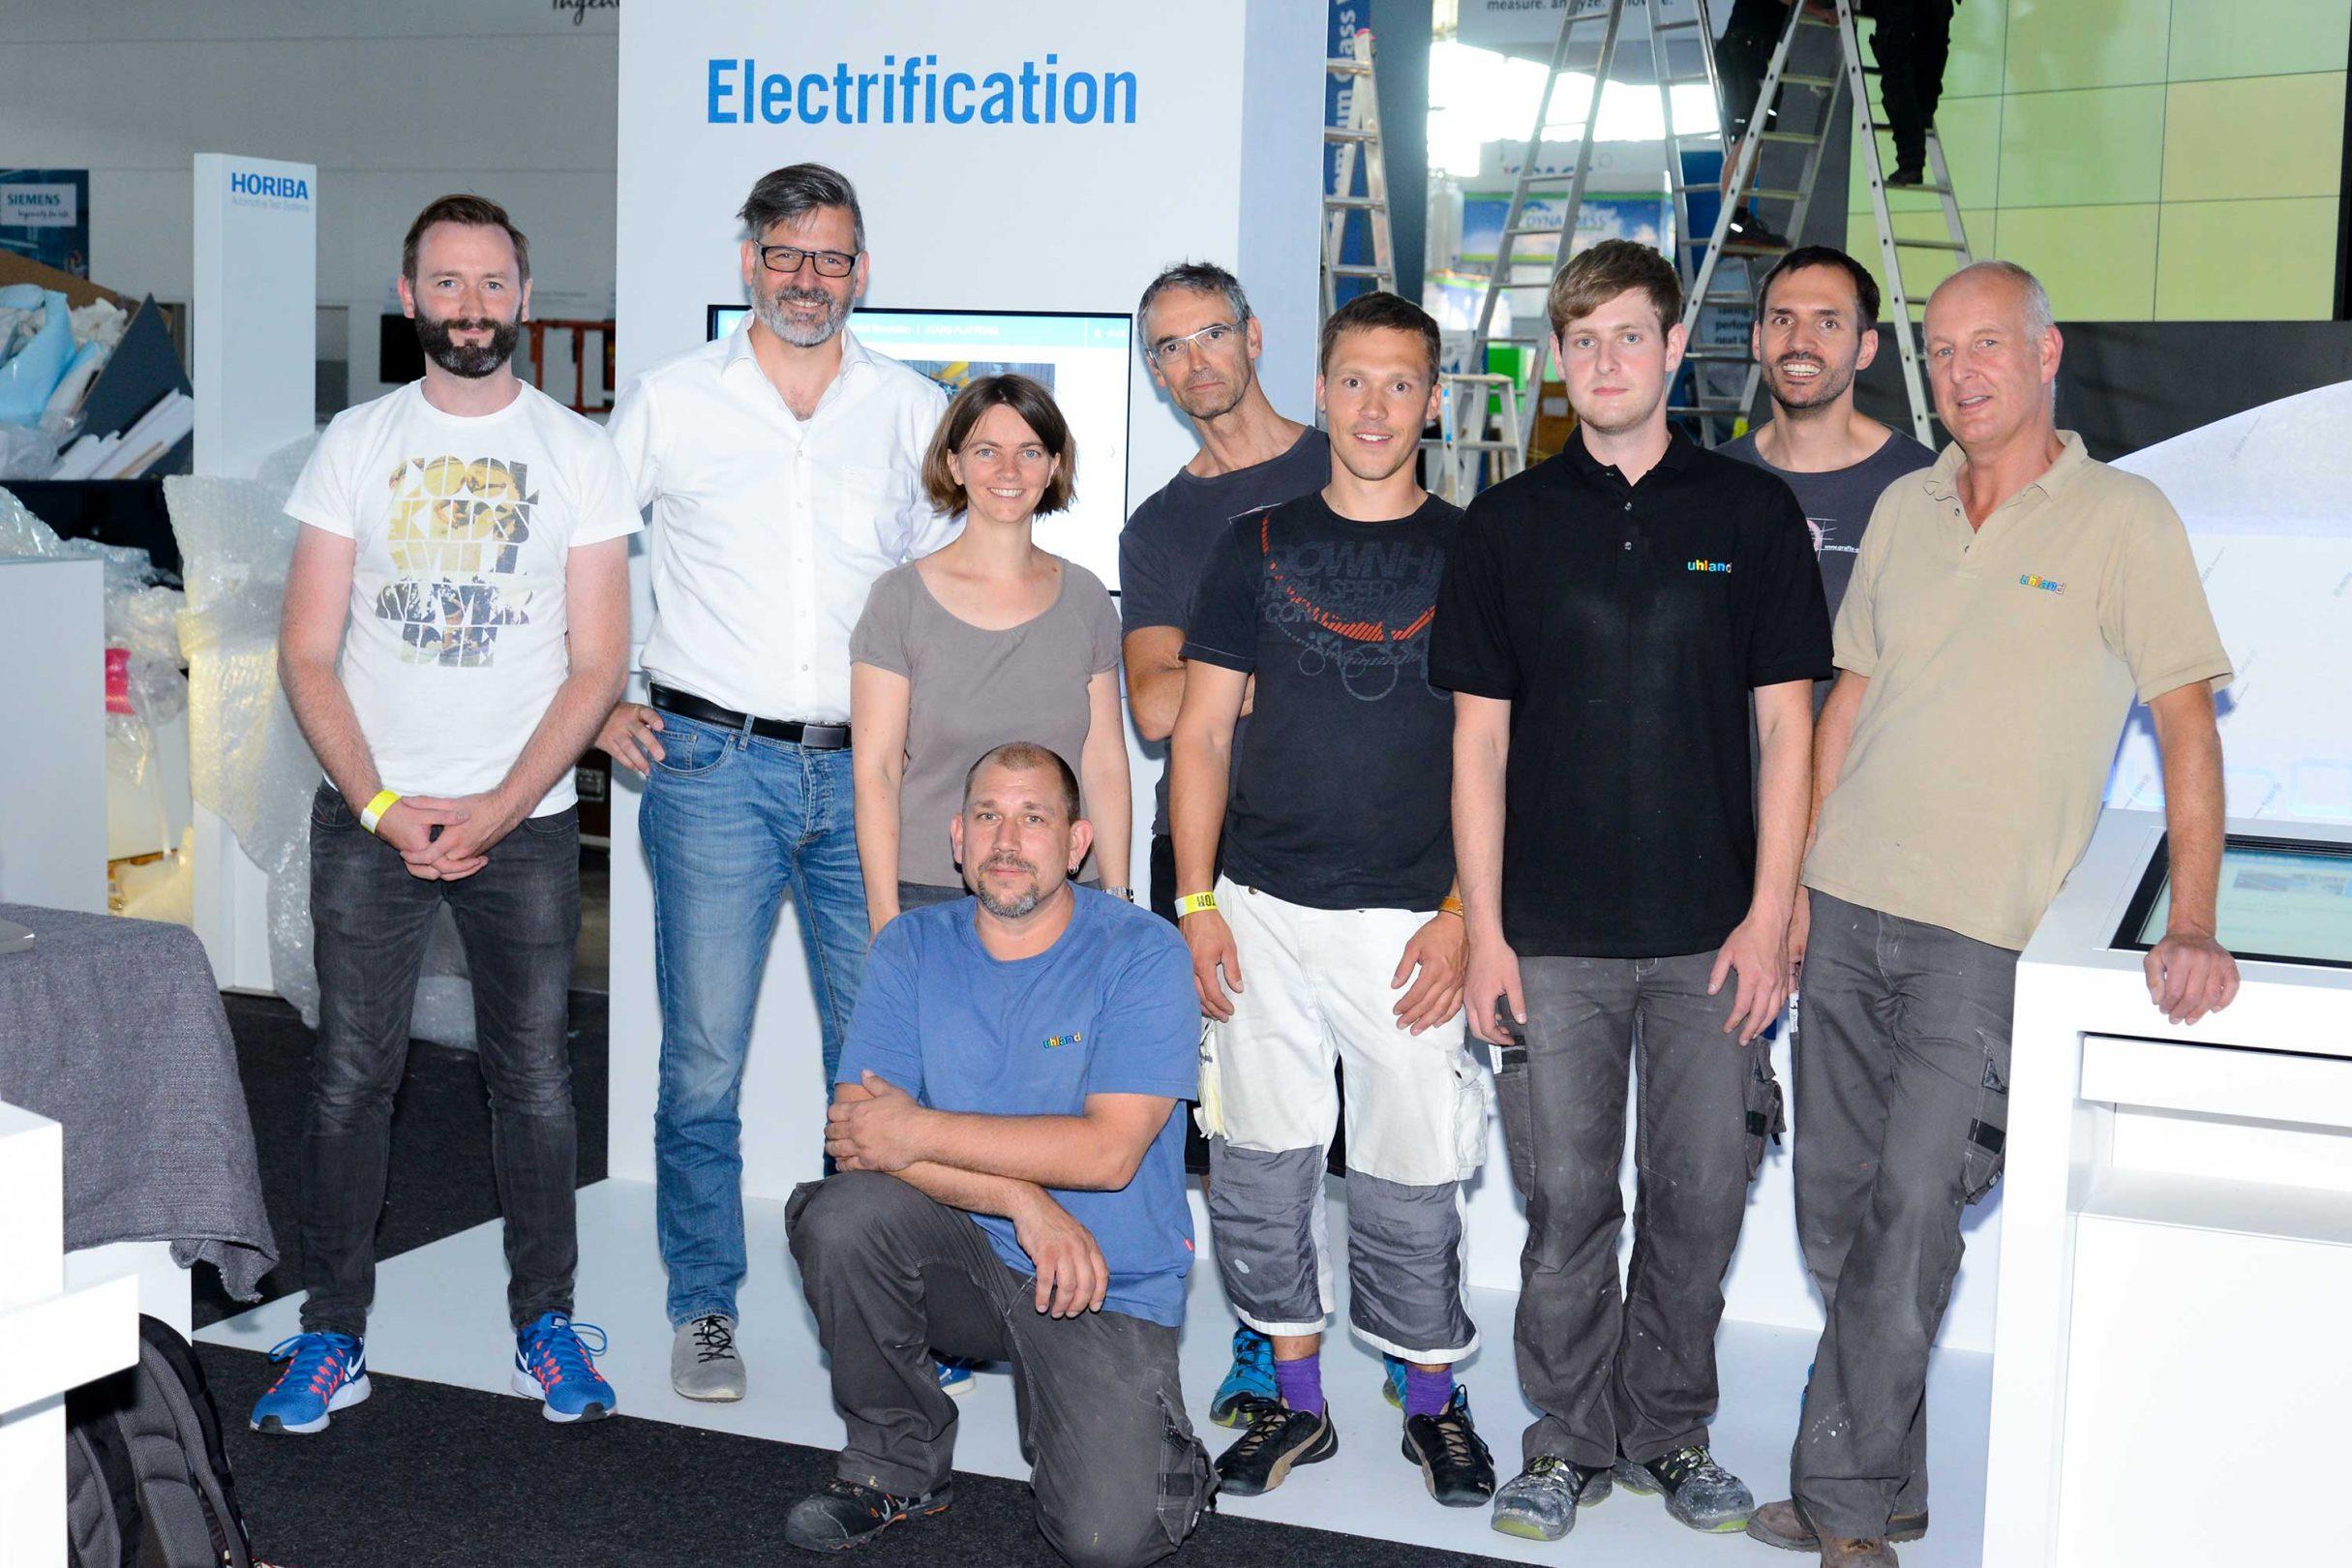 Gruppenbild Aufbau-Team Messestand HORIBA auf der Automotive Testing Expo 2017: DIE NEUDENKER® Agentur, Darmstadt